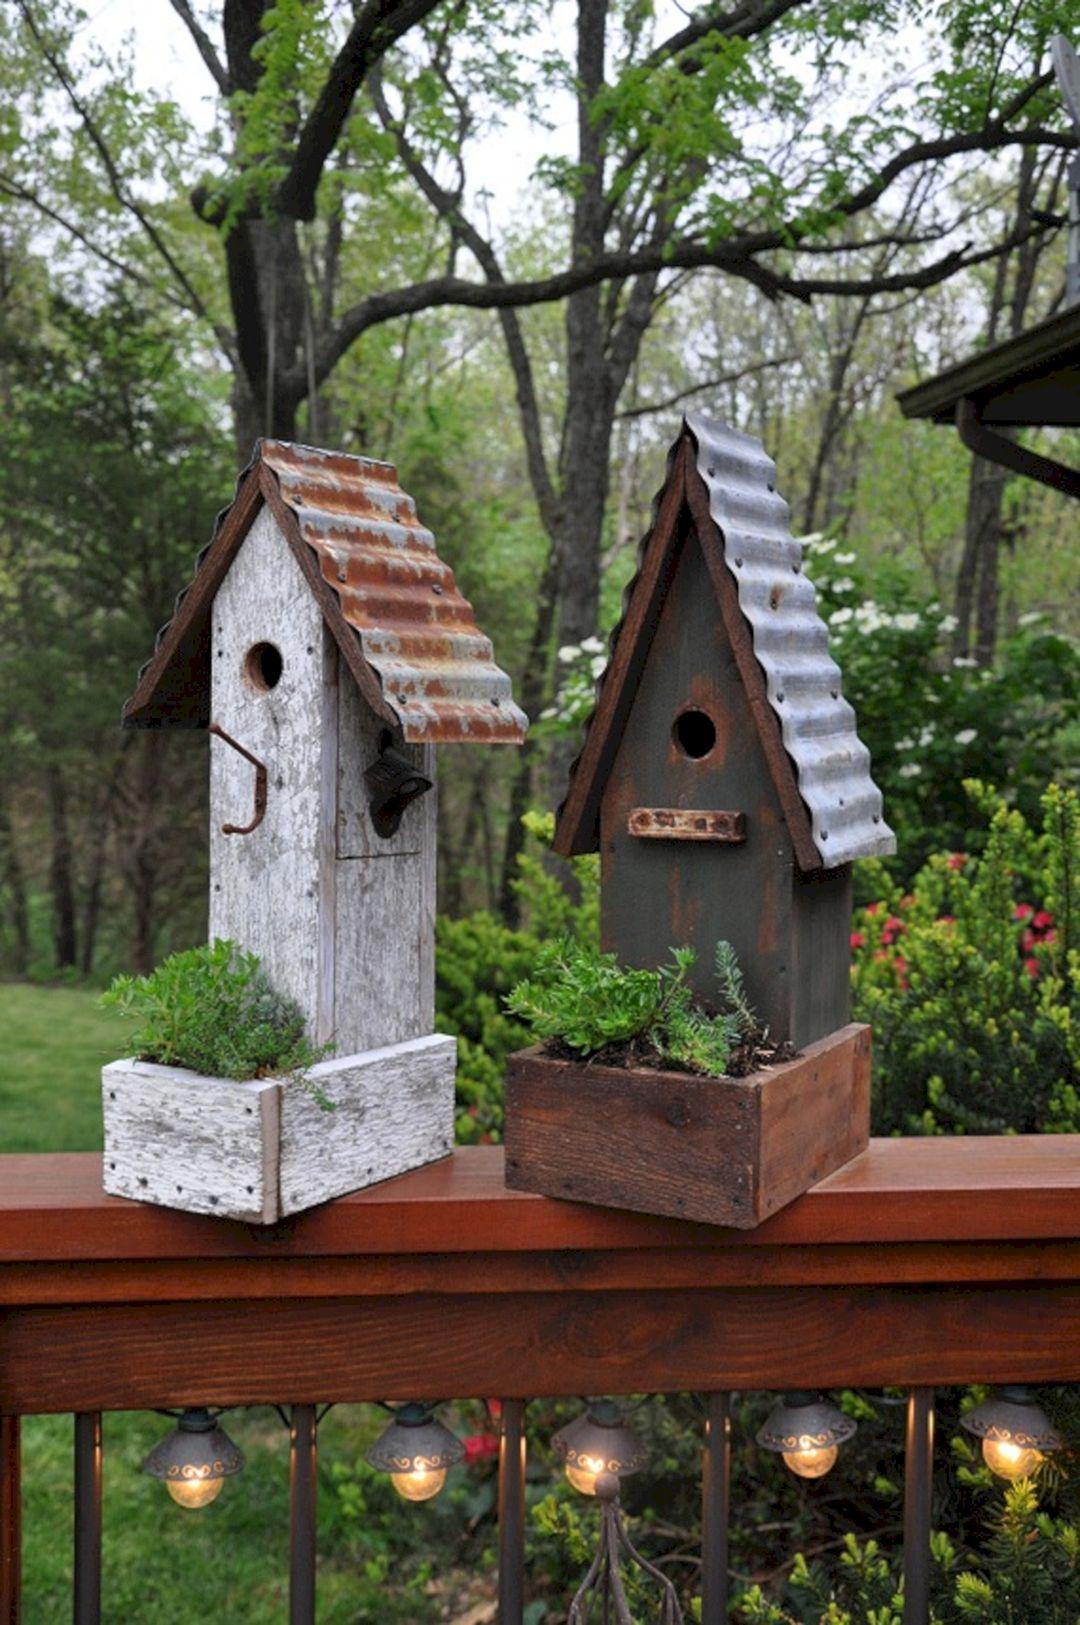 Birdhouses Rustic in Your Garden Ideas